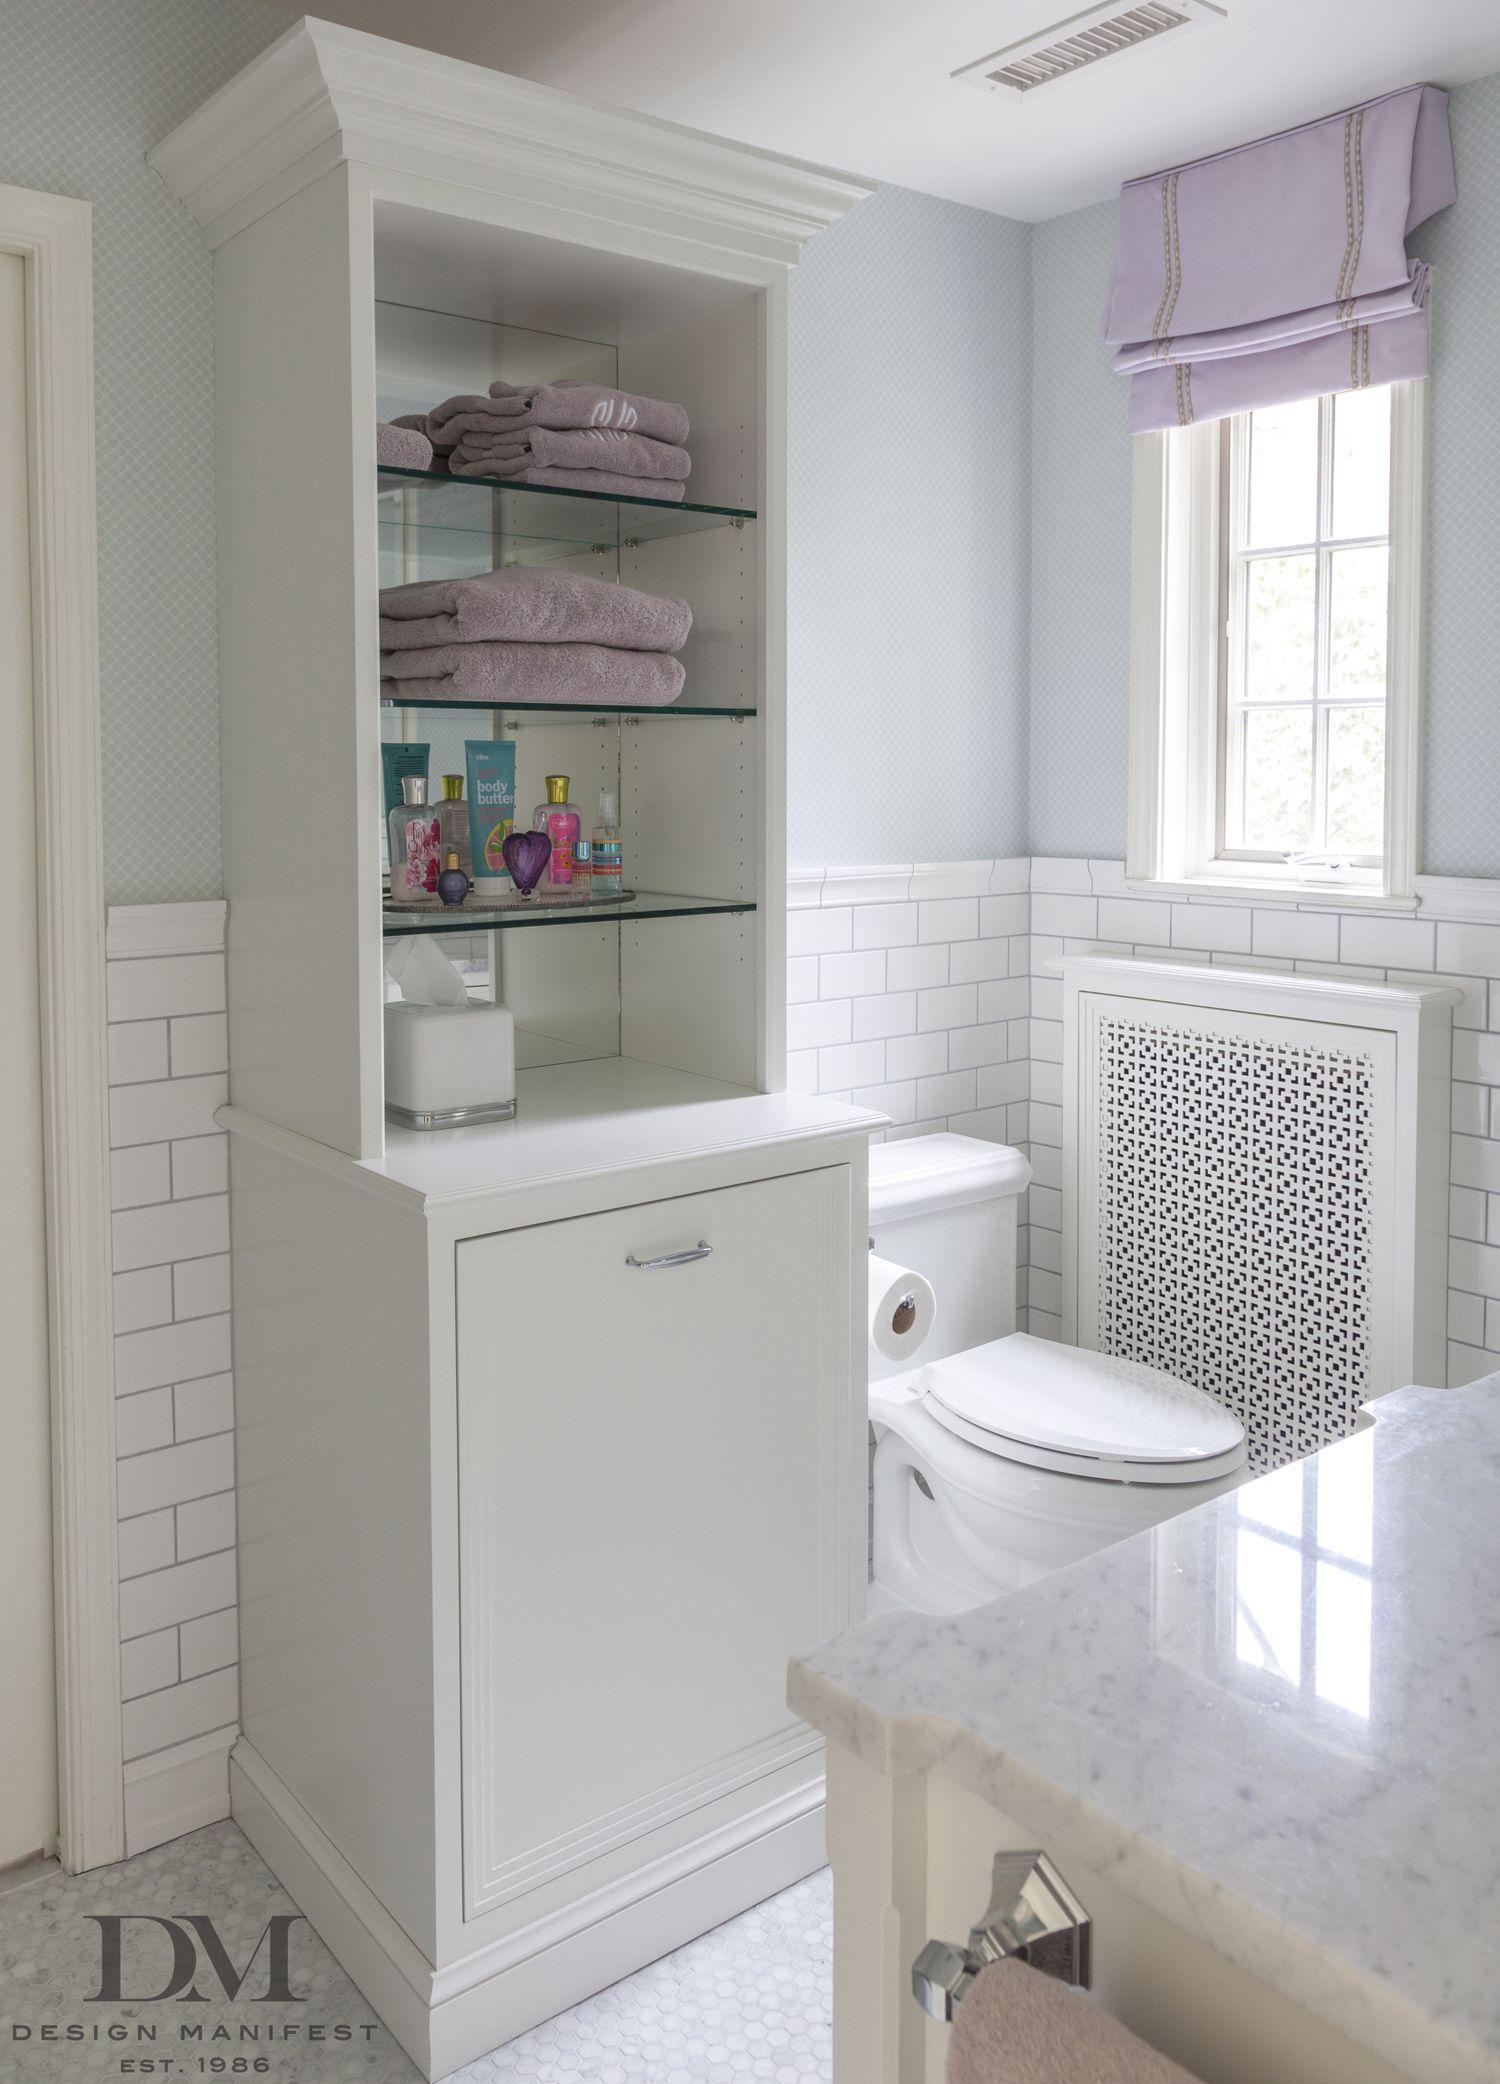 Hamper On Lower Portion Of Cabinetry Bathroom By Design Manifest Floatingshelvesbathroompant Freestanding Bathroom Shelves Shelves Over Toilet Glass Shelves